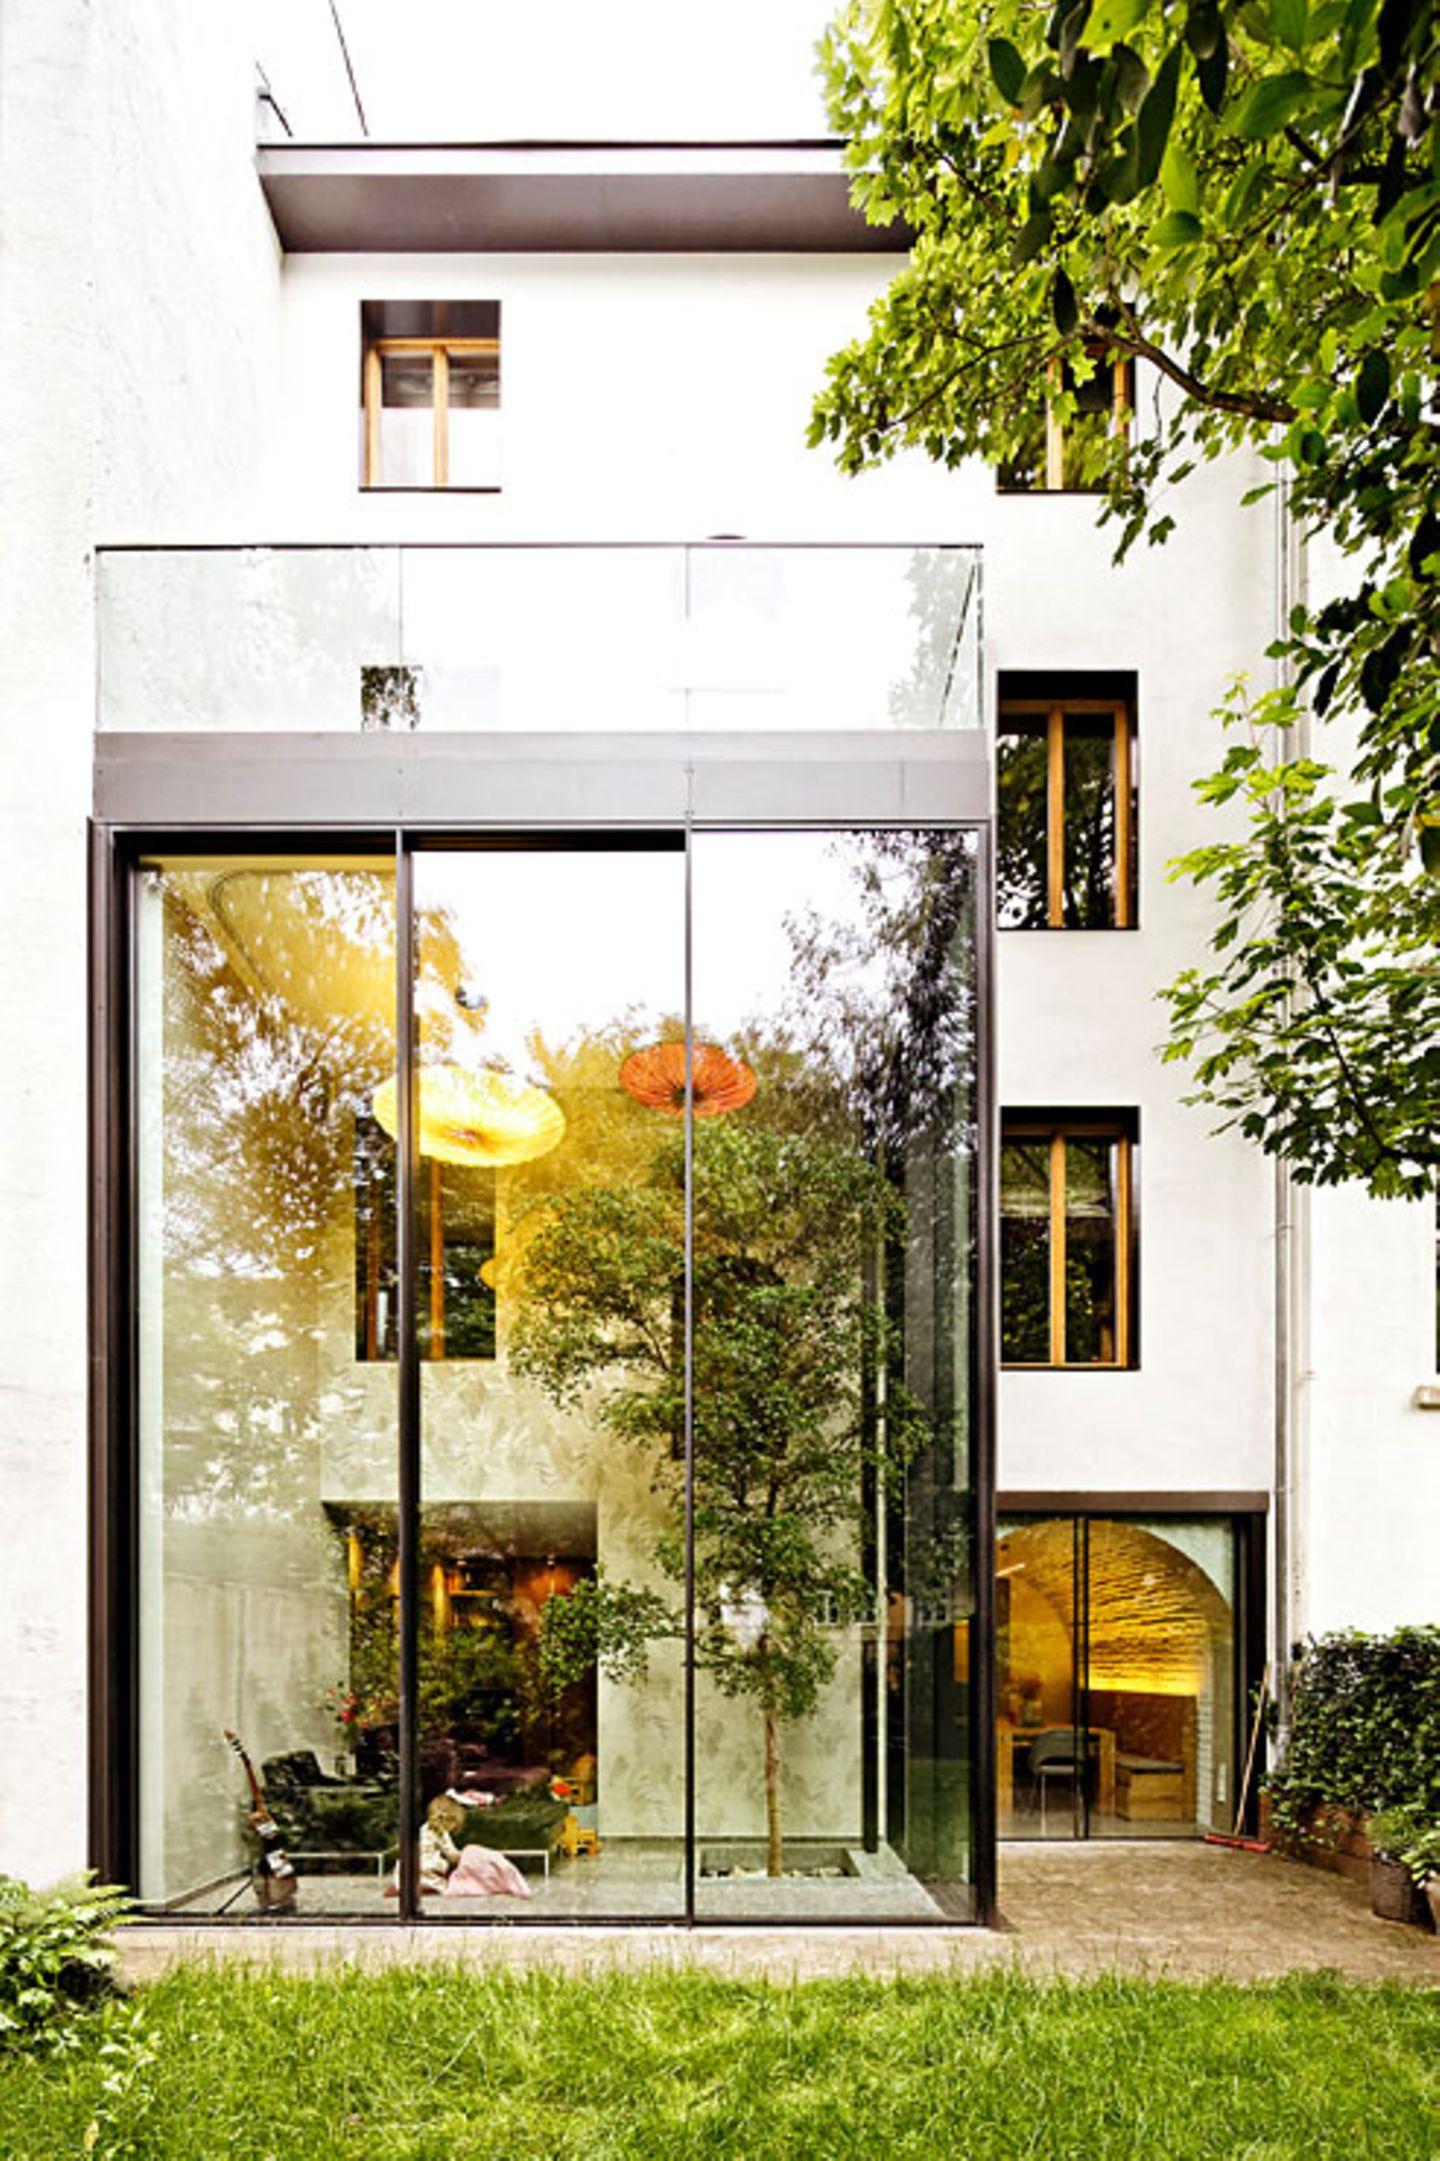 Der Wintergarten öffnet das Haus zur Natur